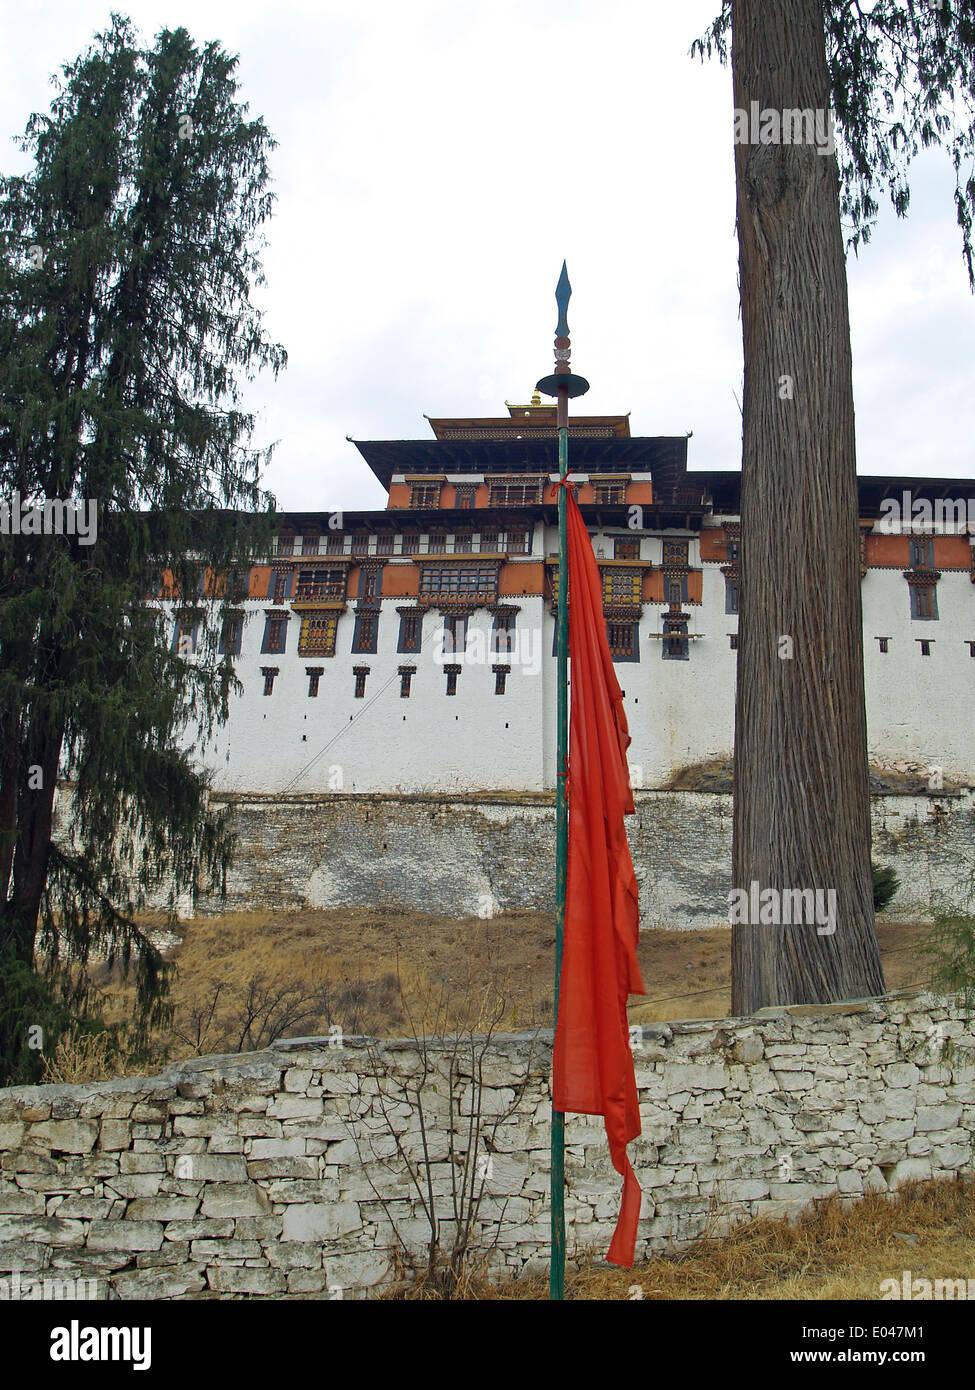 The Paro Dzong,Bhutan - Stock Image